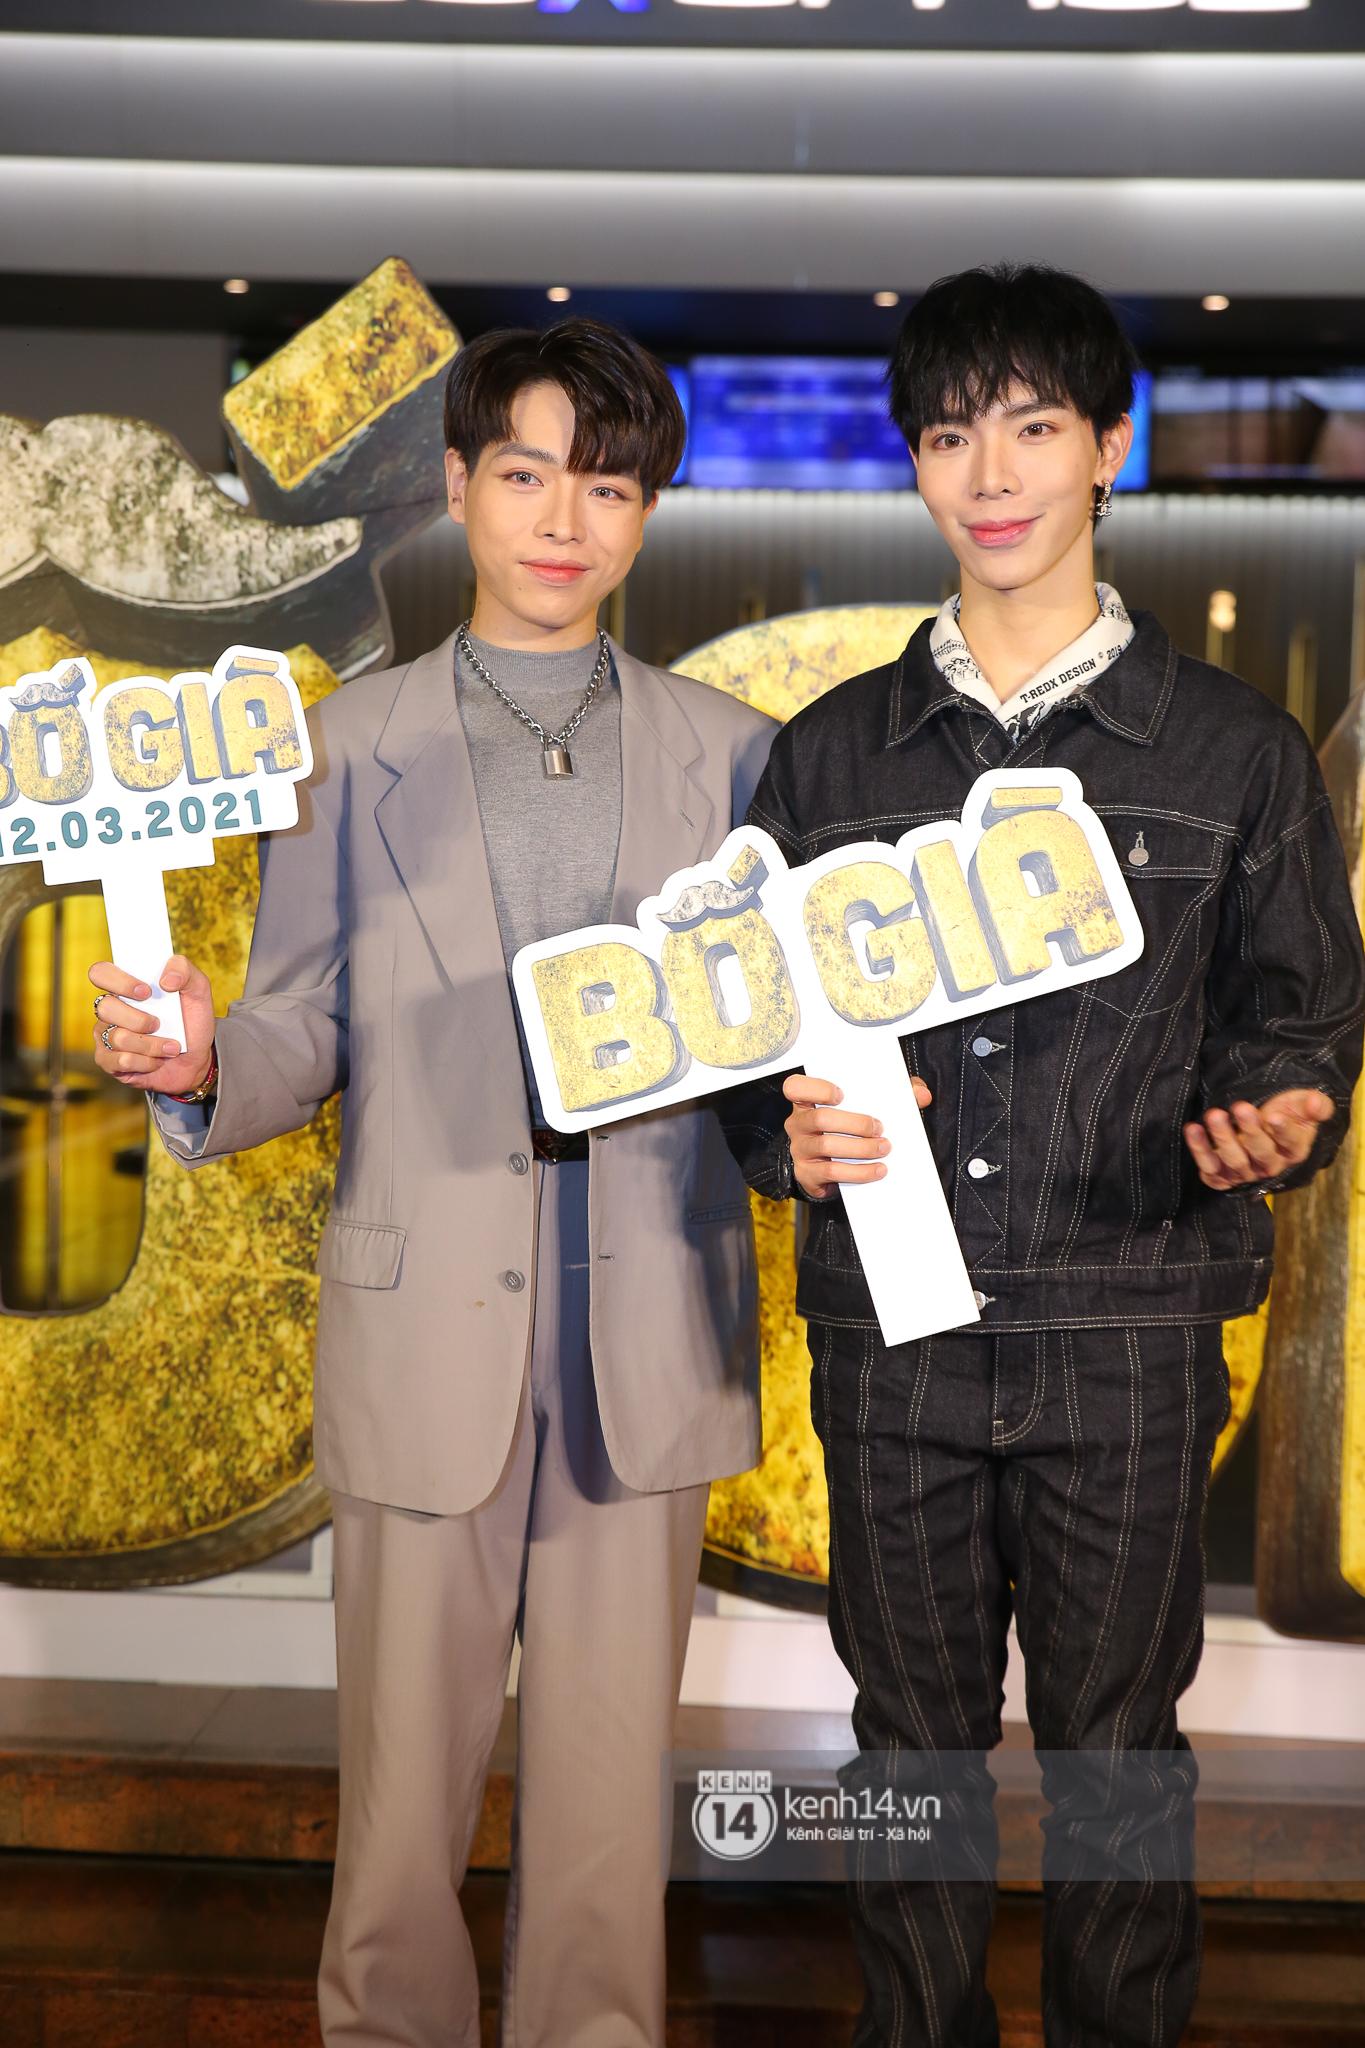 Cặp đôi nhà Đông Nhi, Lệ Quyên thi nhau show ân ái không kém cạnh Trấn Thành - Hariwon ở siêu thảm đỏ Bố Già - Ảnh 9.